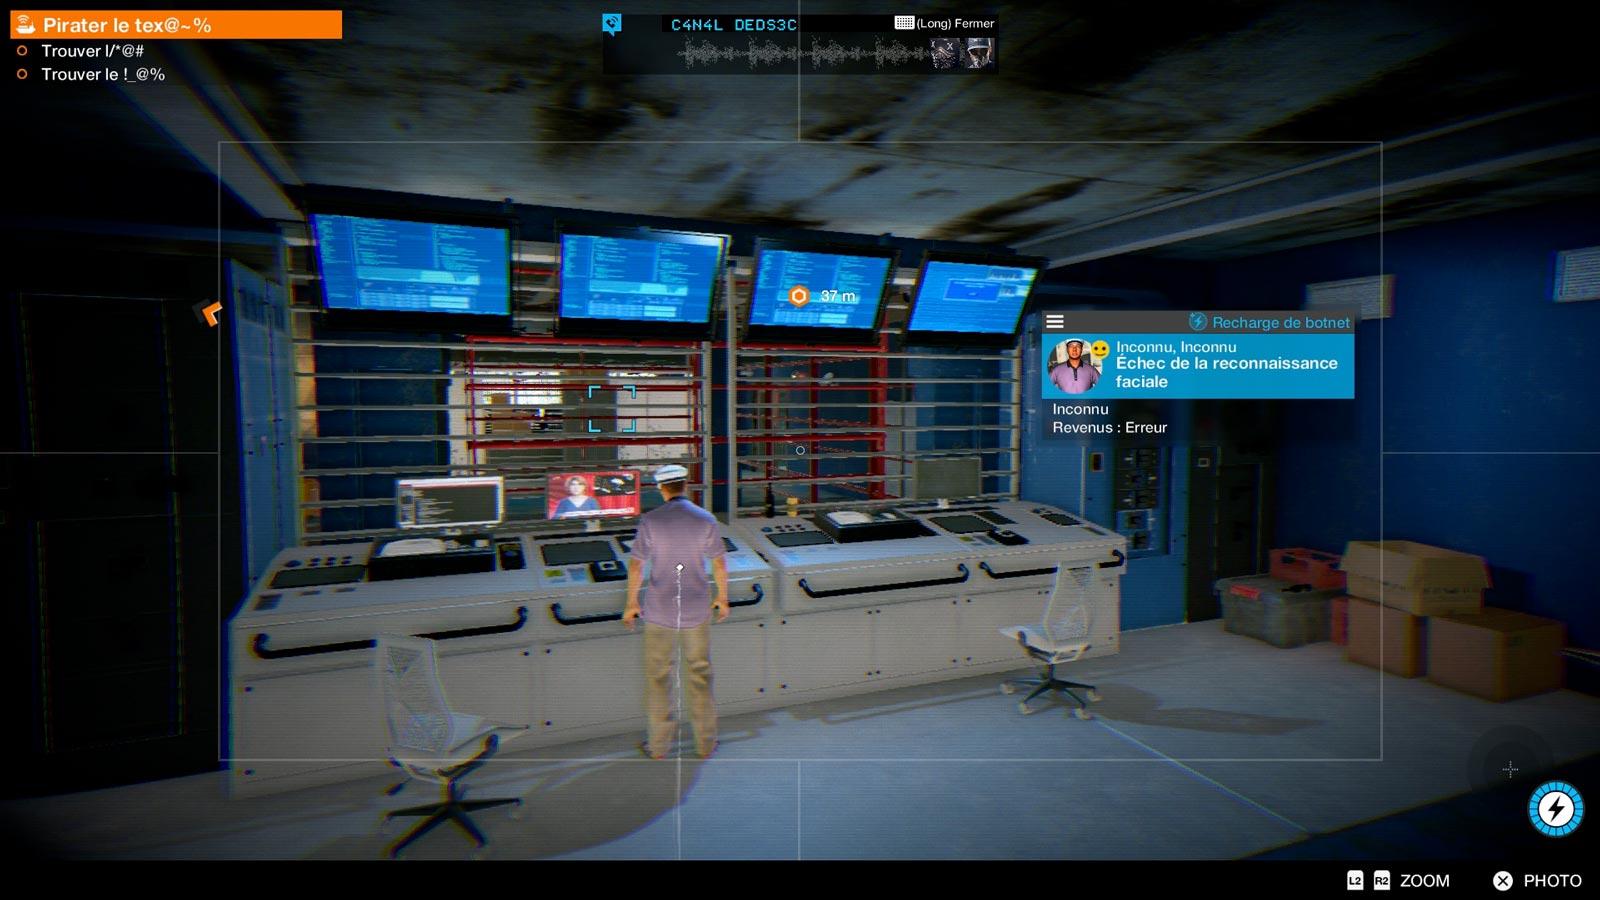 Le piratage de système de surveillance est de retour, mais sans tour d'accès à activer.